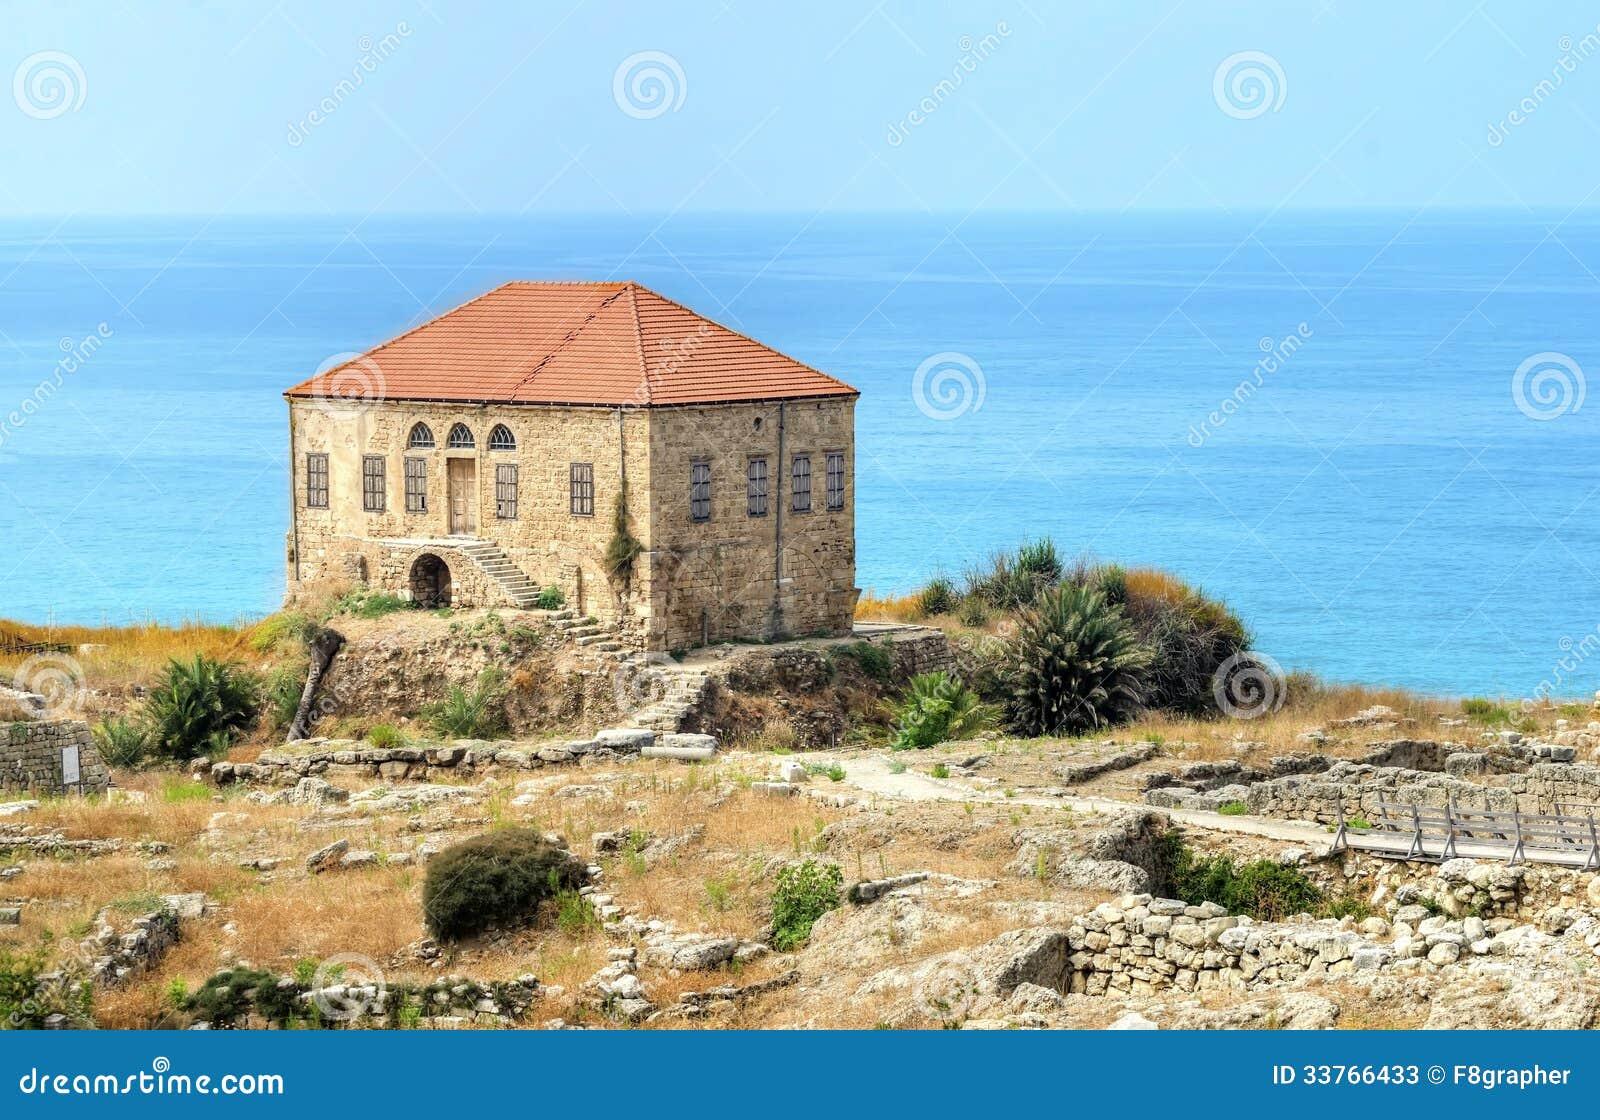 Maison libanaise traditionnelle byblos photos stock for Architecture maison traditionnelle libanaise